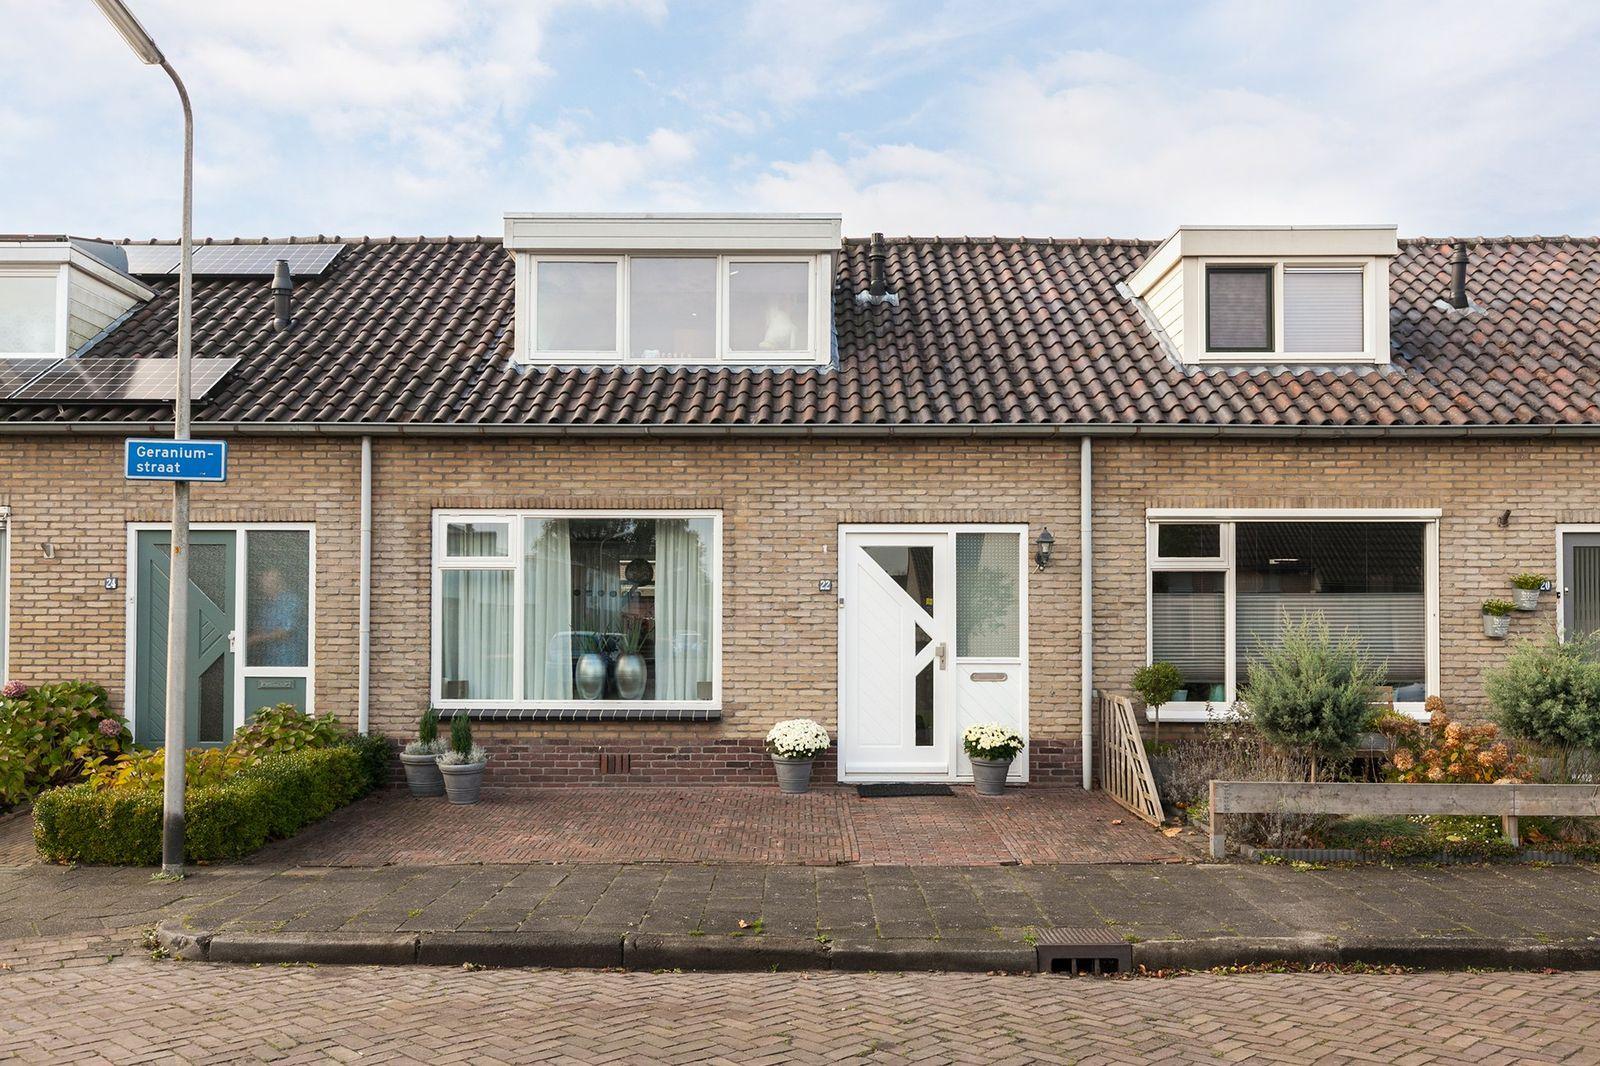 Geraniumstraat 22, Hoogeveen